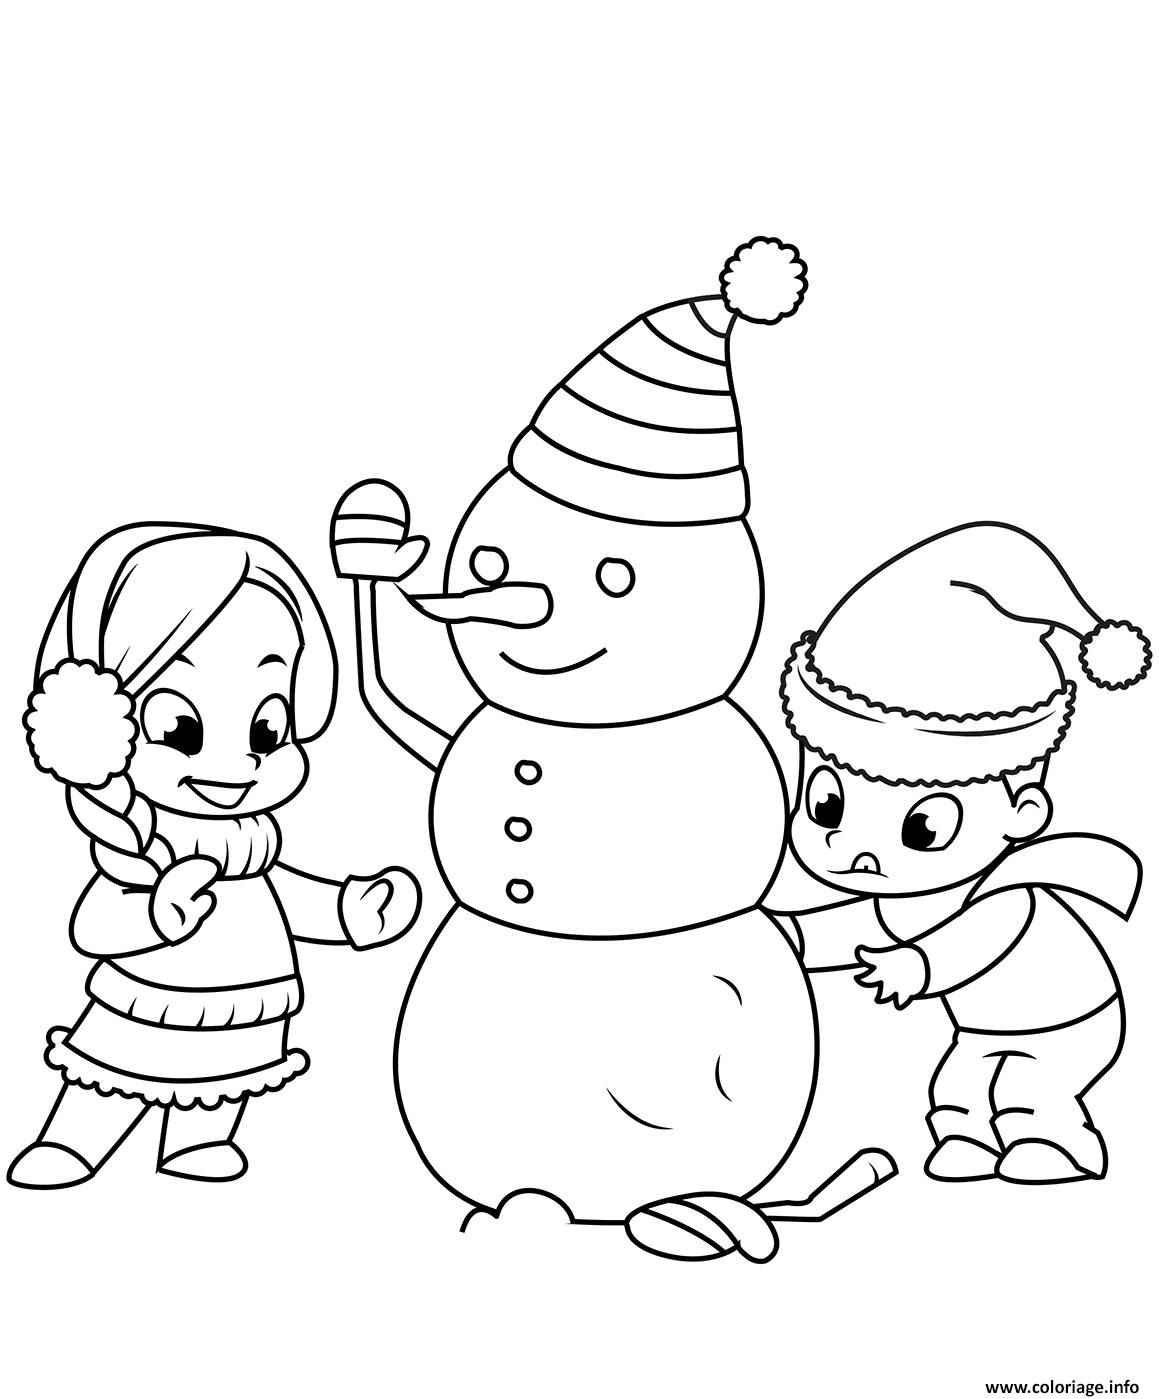 Coloriage les enfants construisent un bonhomme de neige dessin - Bonhomme de neige a imprimer gratuit ...